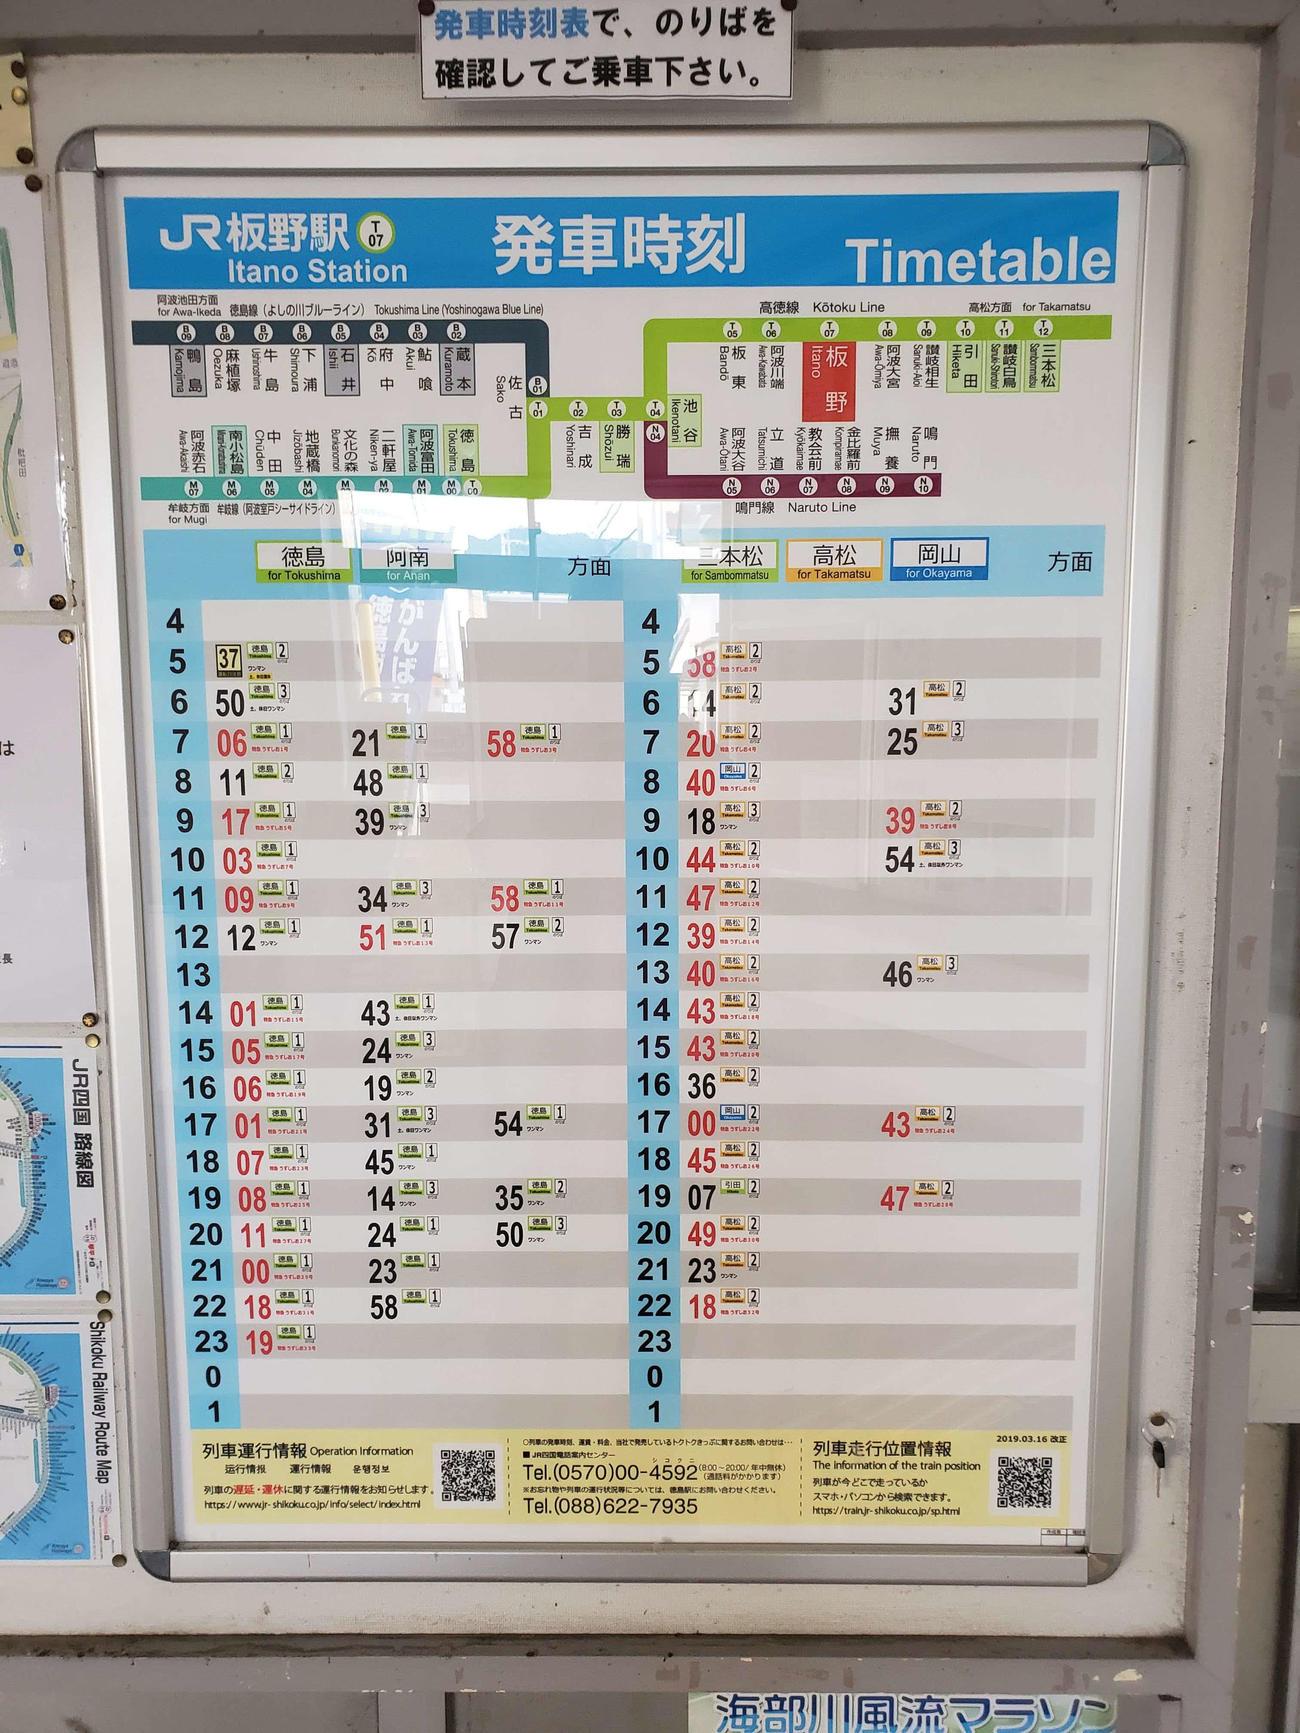 〈2〉徳島方面からの普通は多数が板野駅で折り返す。香川県境をまたぐ普通はわずかしかない